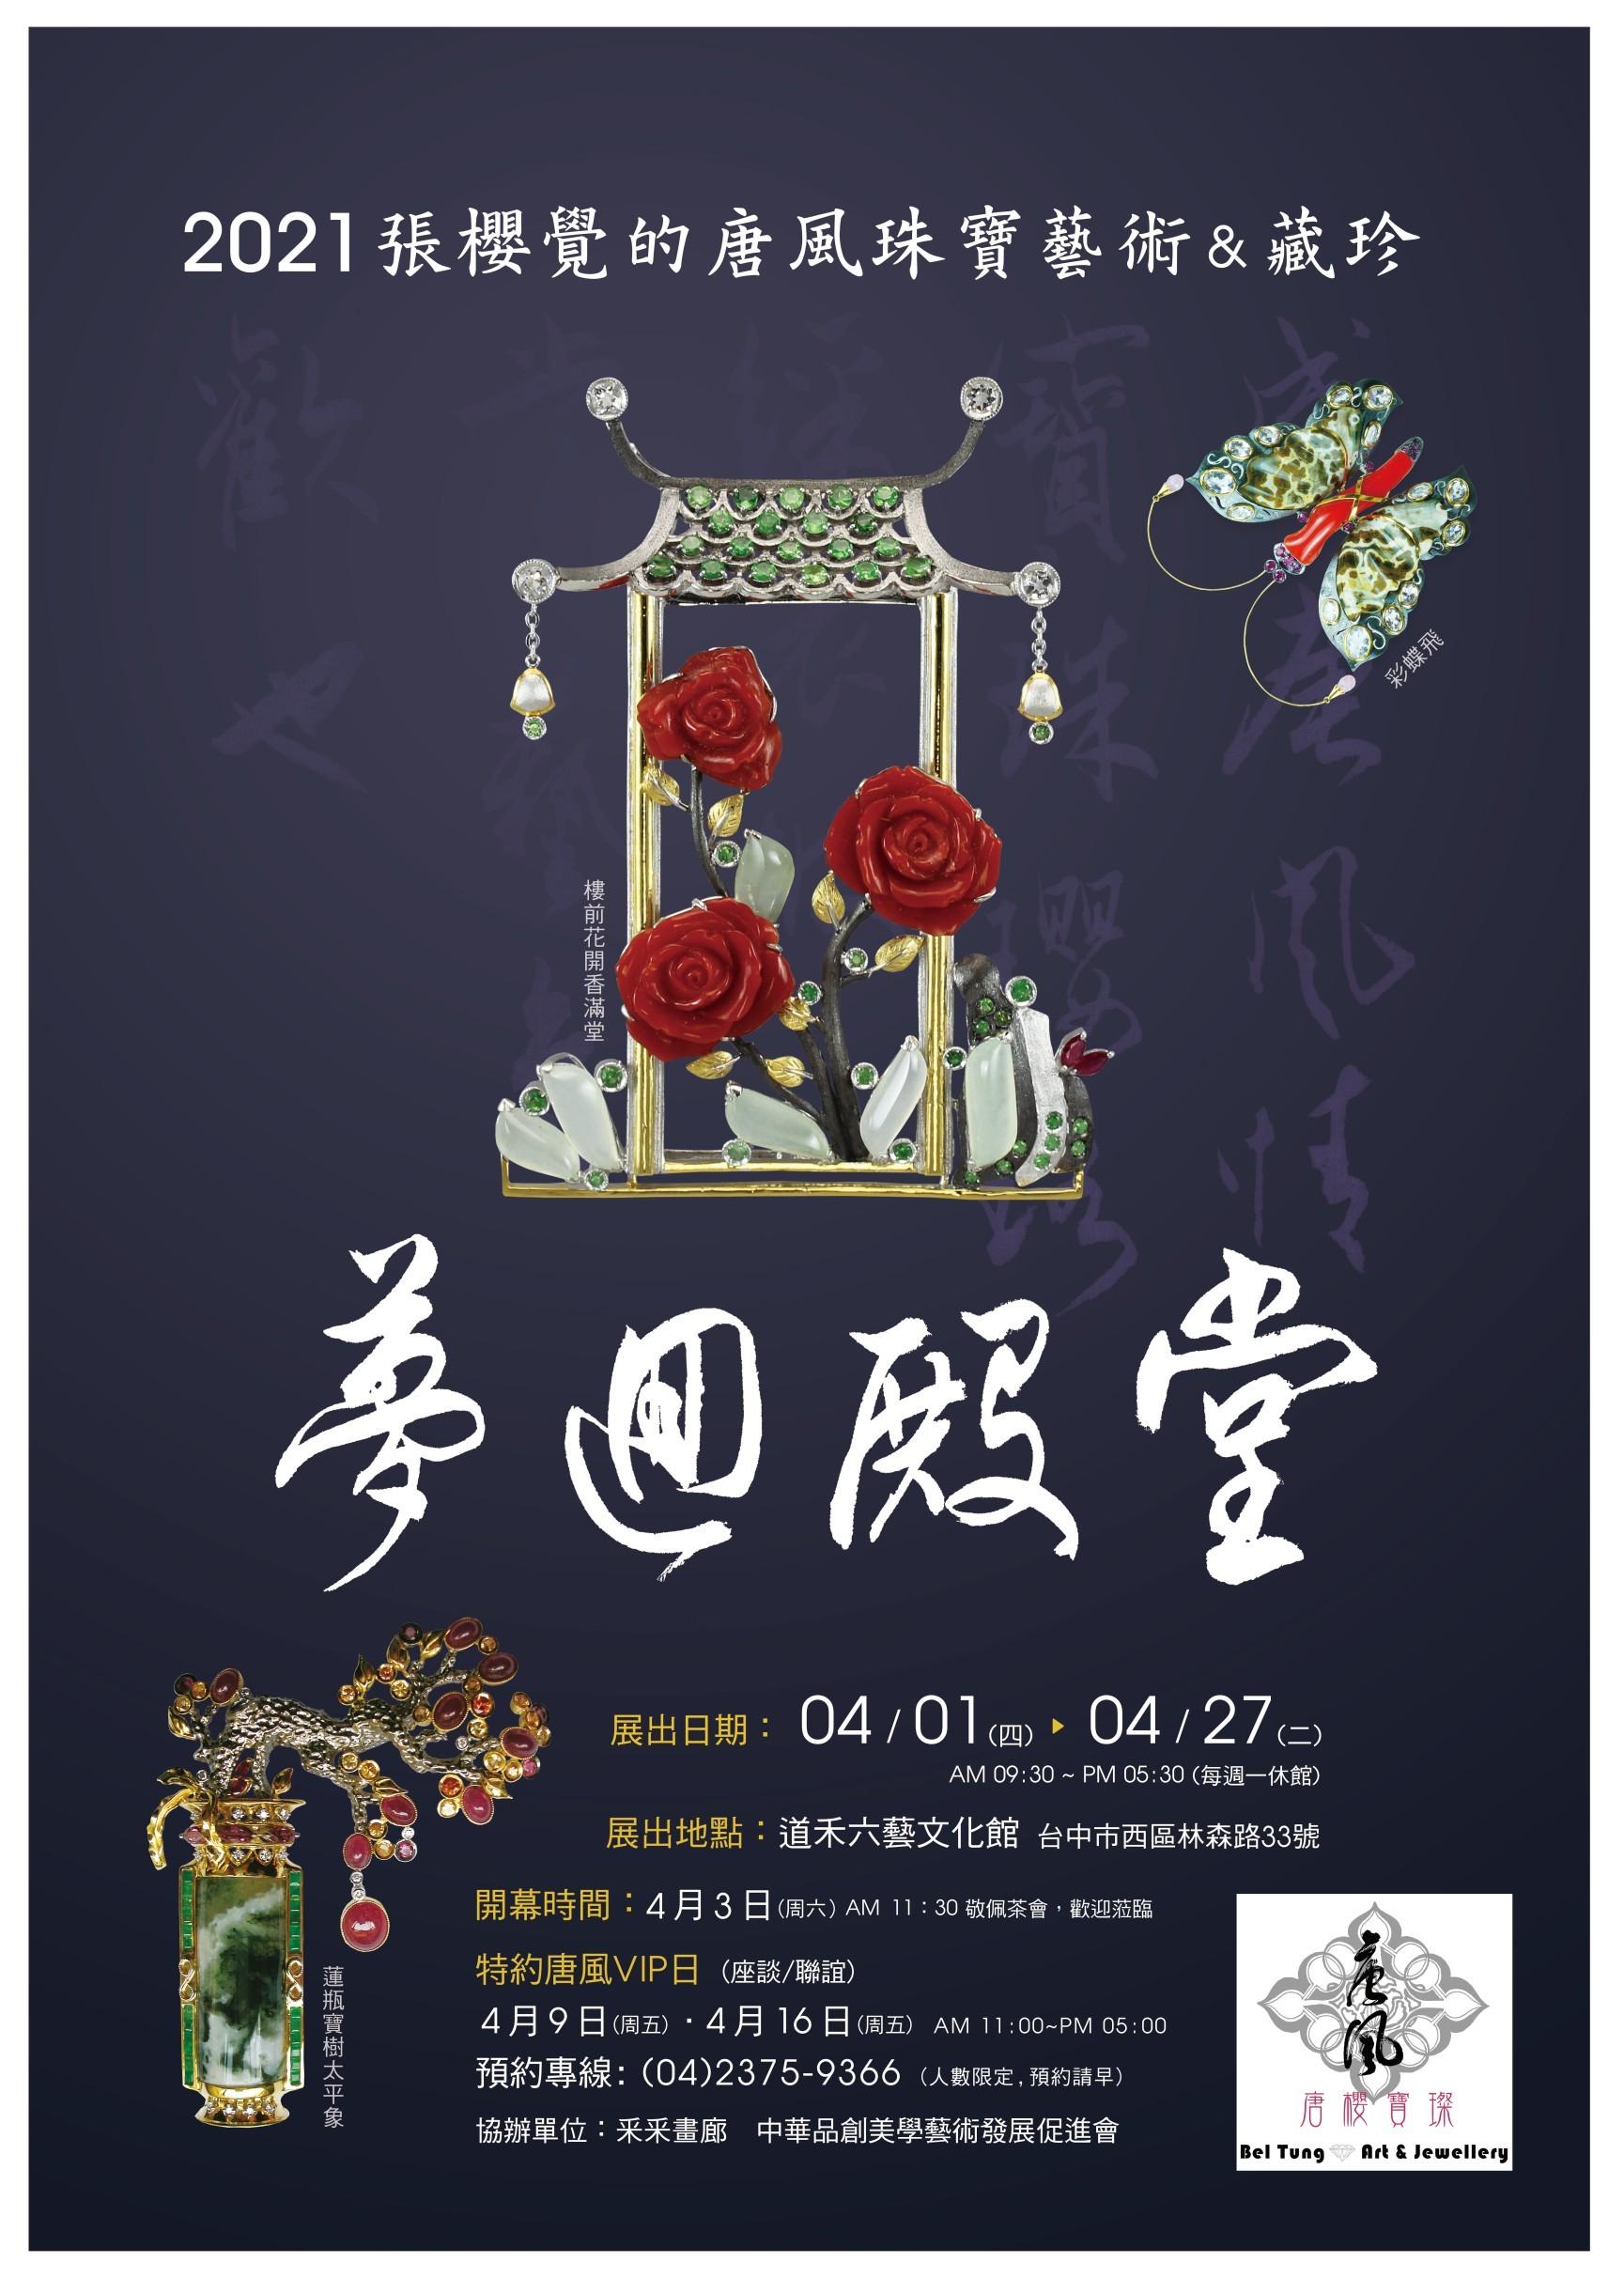 【傳習藝展】《夢迴殿堂》張櫻覺唐風珠寶藝術&藏珍展